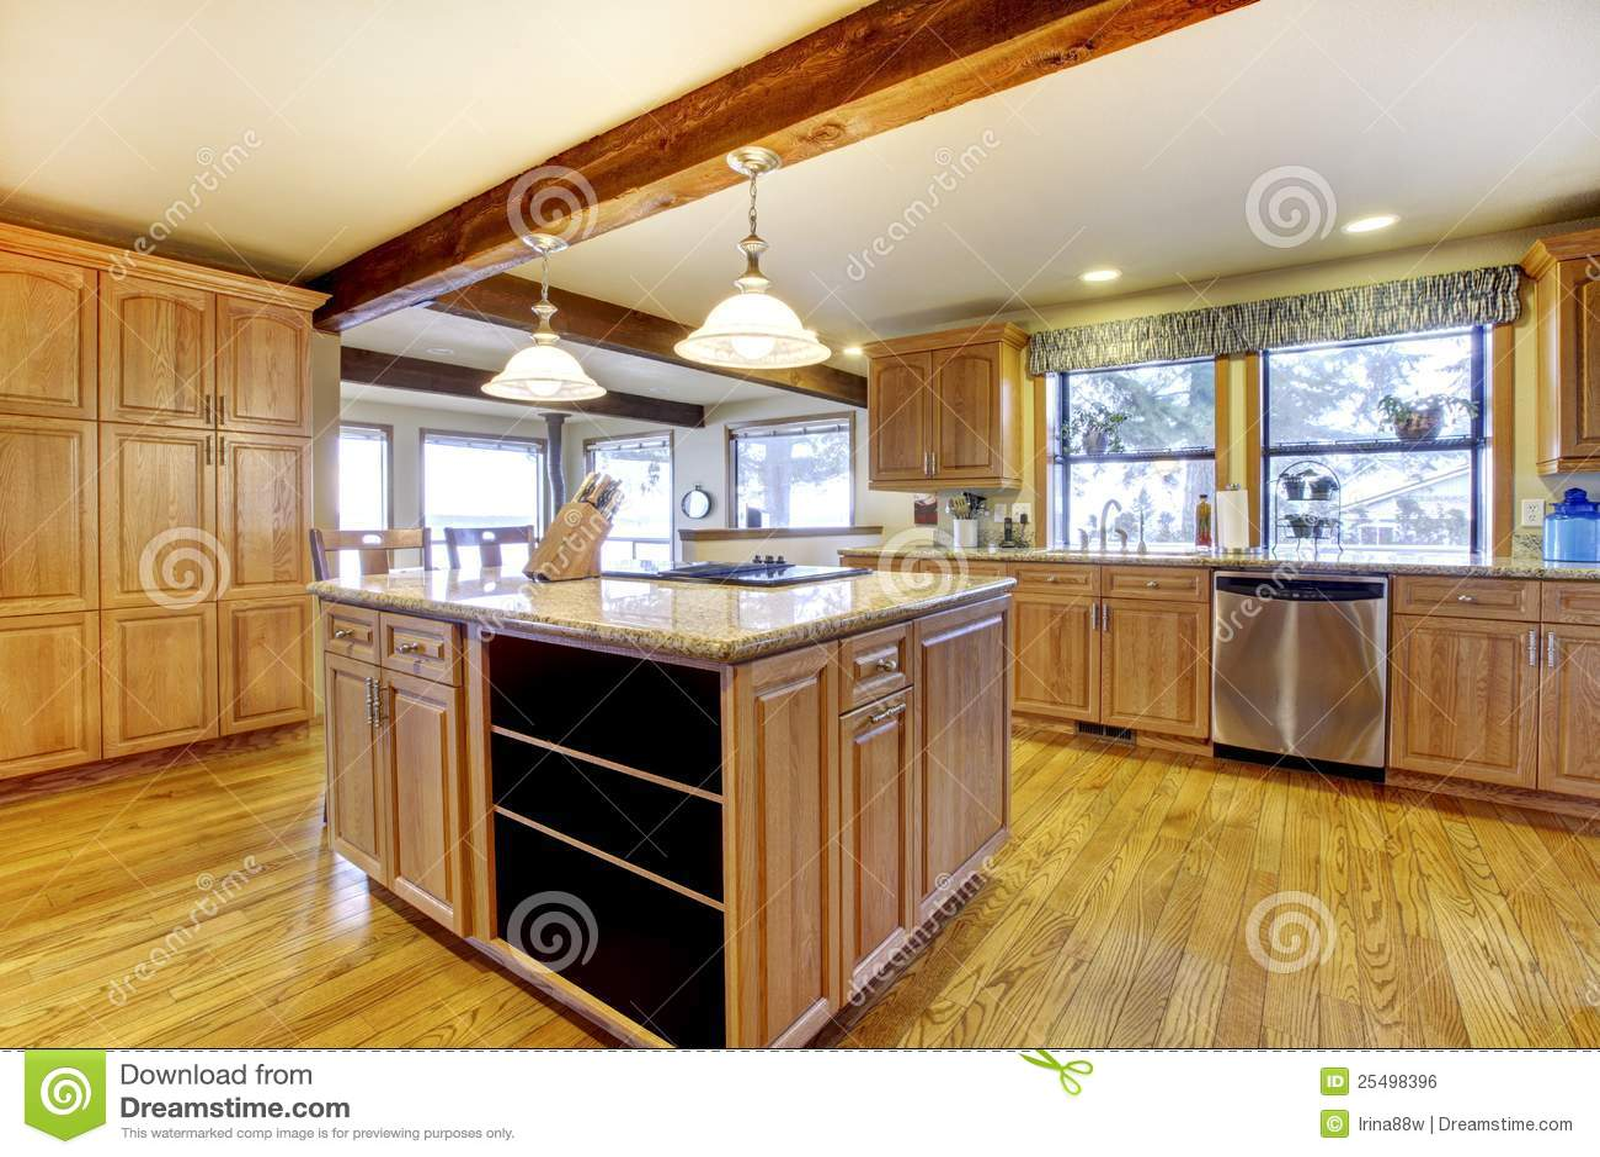 Grote houten keuken met eiland en houten straal. royalty vrije ...